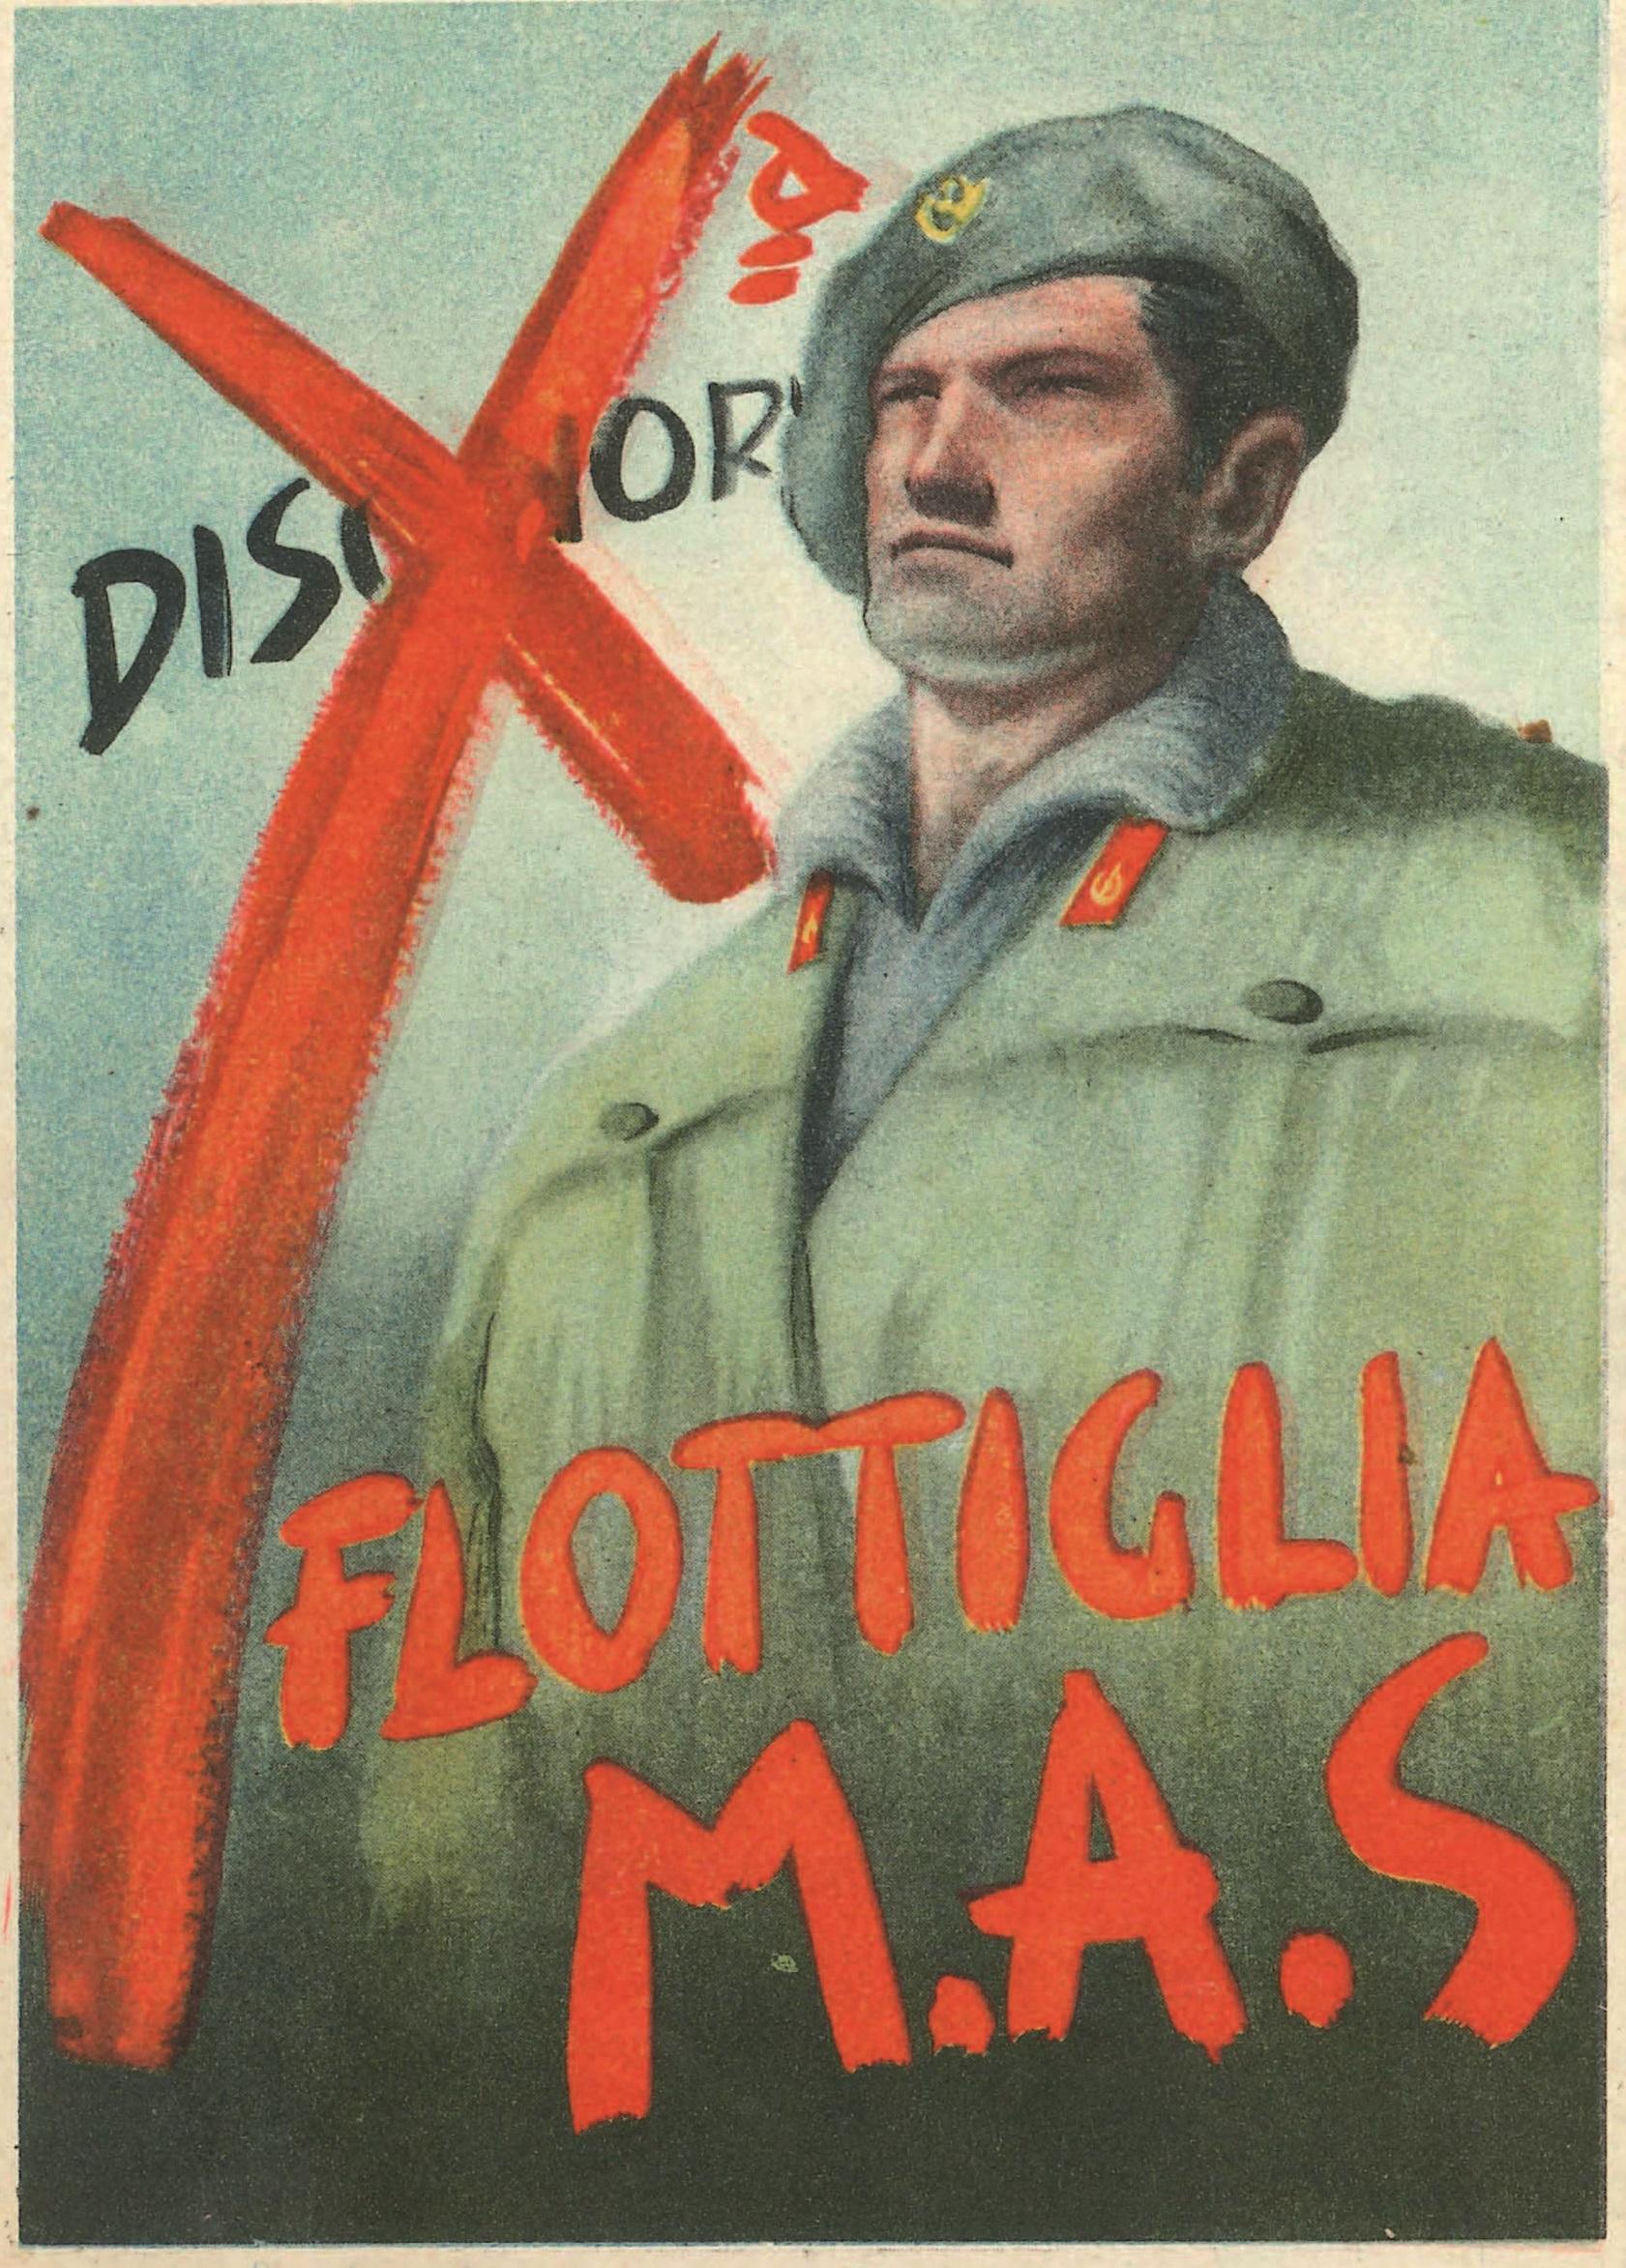 Decima Flottiglia M.A.S.: propaganda per la riscossa (terza parte) – Gianluca Padovan